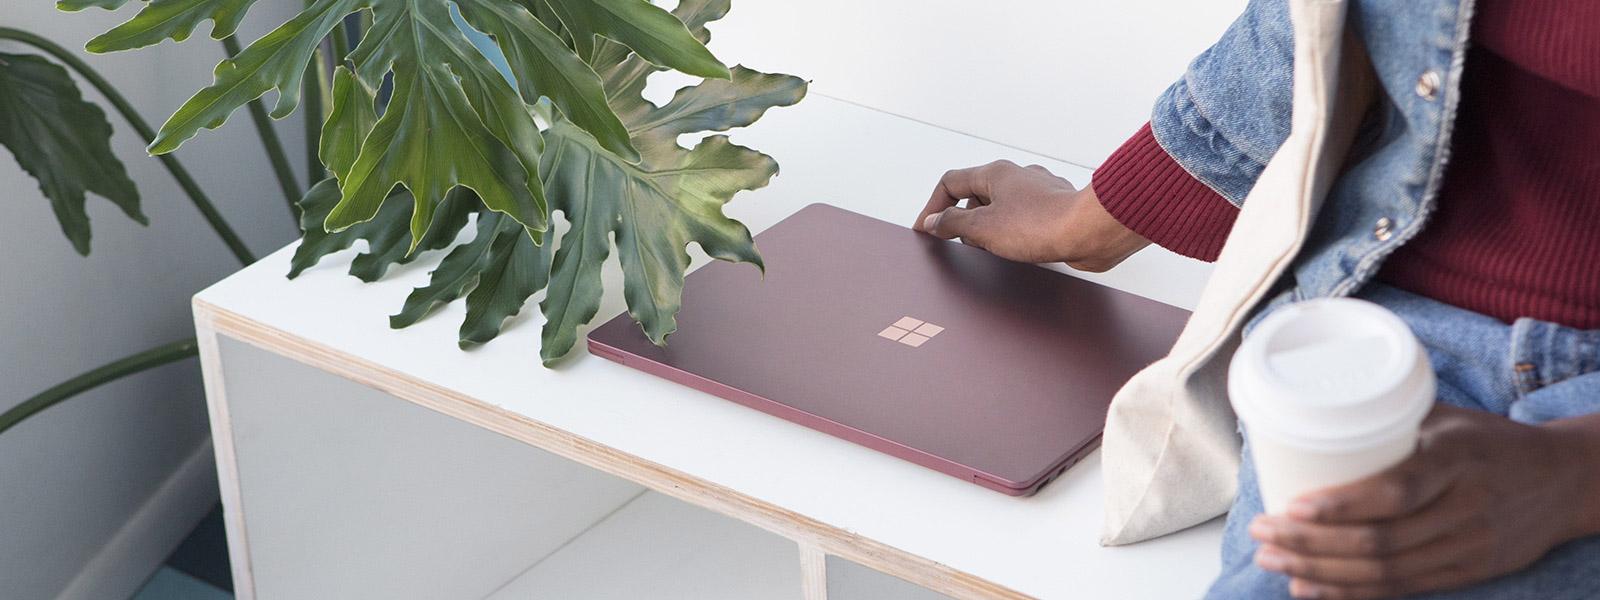 Bild av person som arbetar på Surface Laptop i solen på stranden.